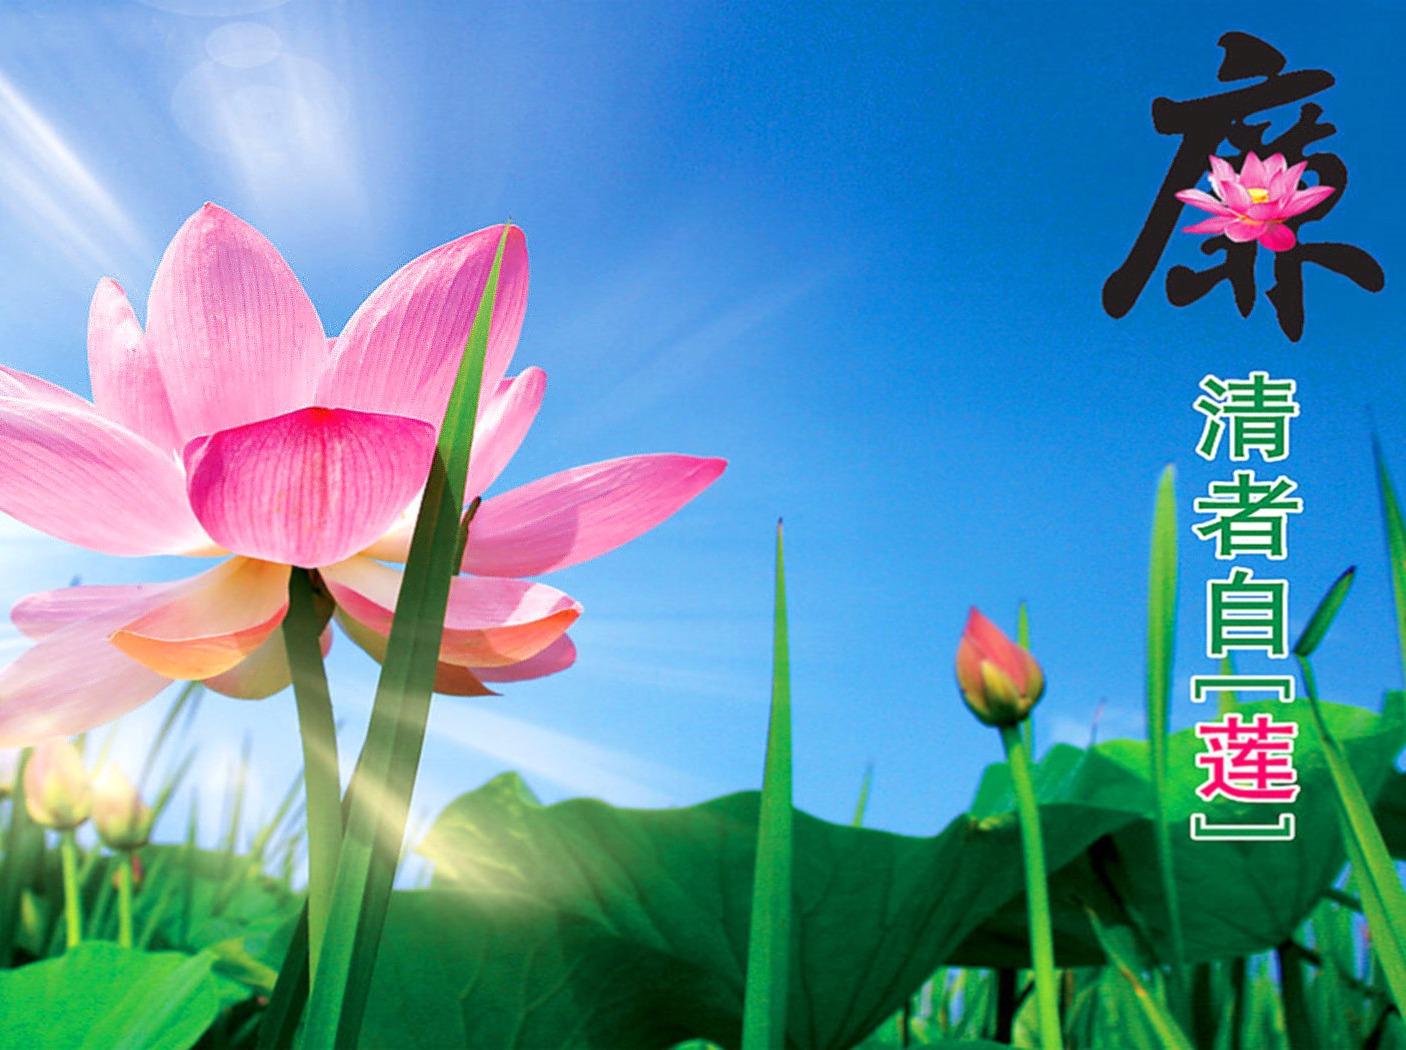 7.19,洪湖游湖,赏荷摘莲蓬,品湖家宴